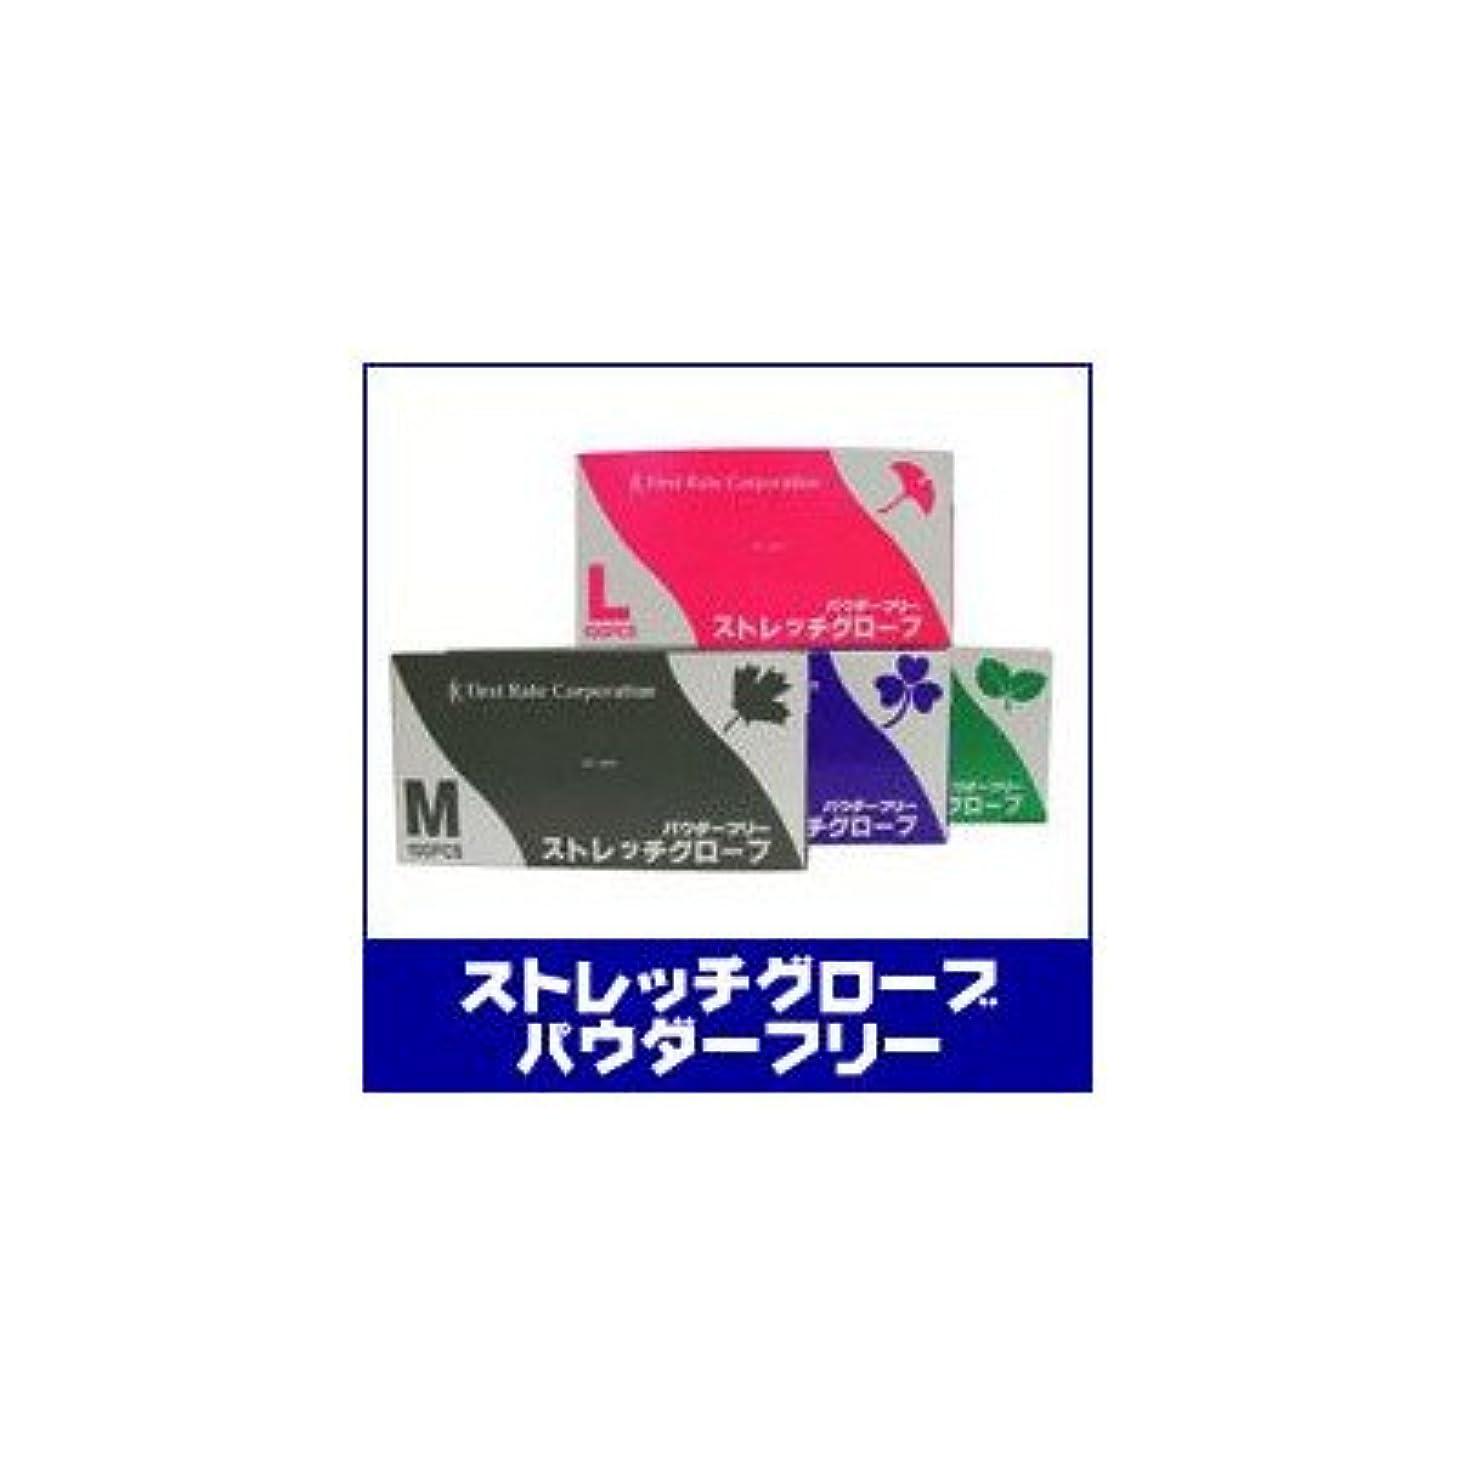 ヒープずるい一致ストレッチグローブ(パウダー無)10箱-ケース Lサイズ